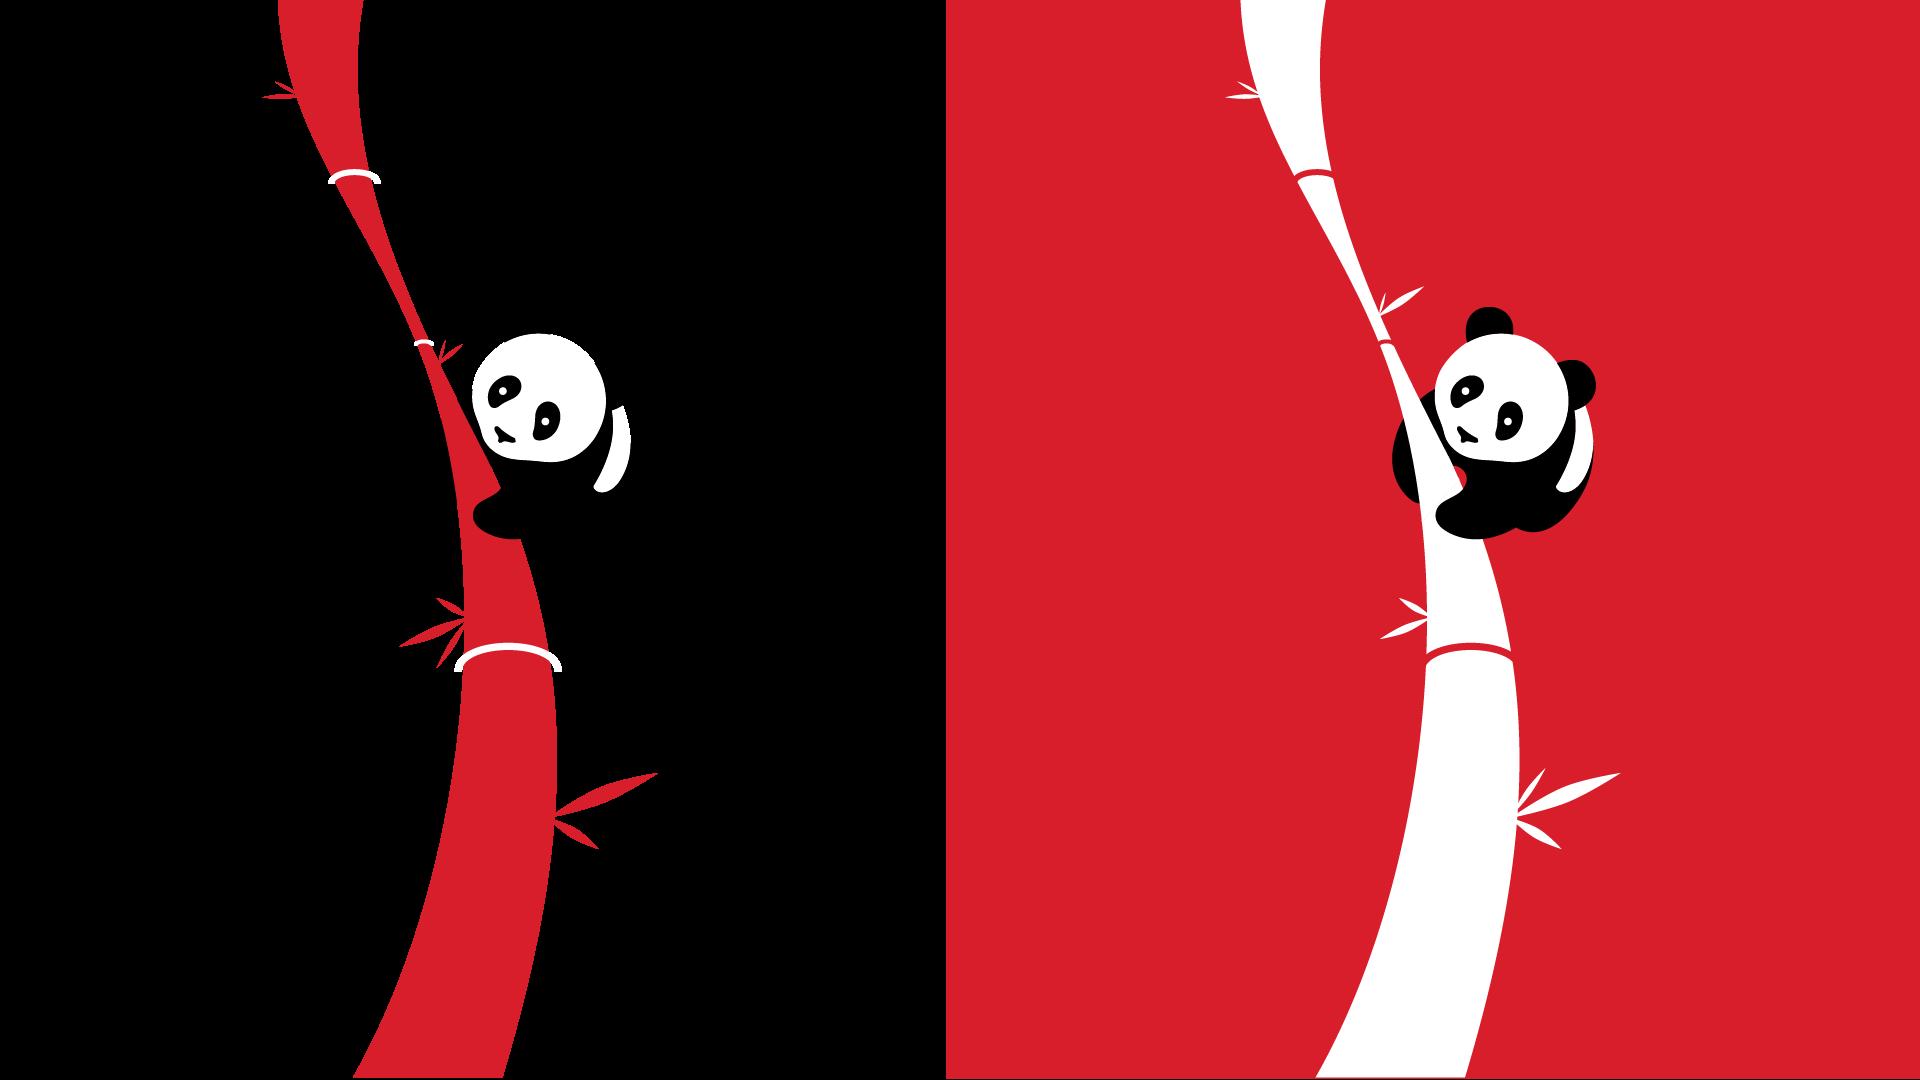 Panda_Sketch_1.7-23